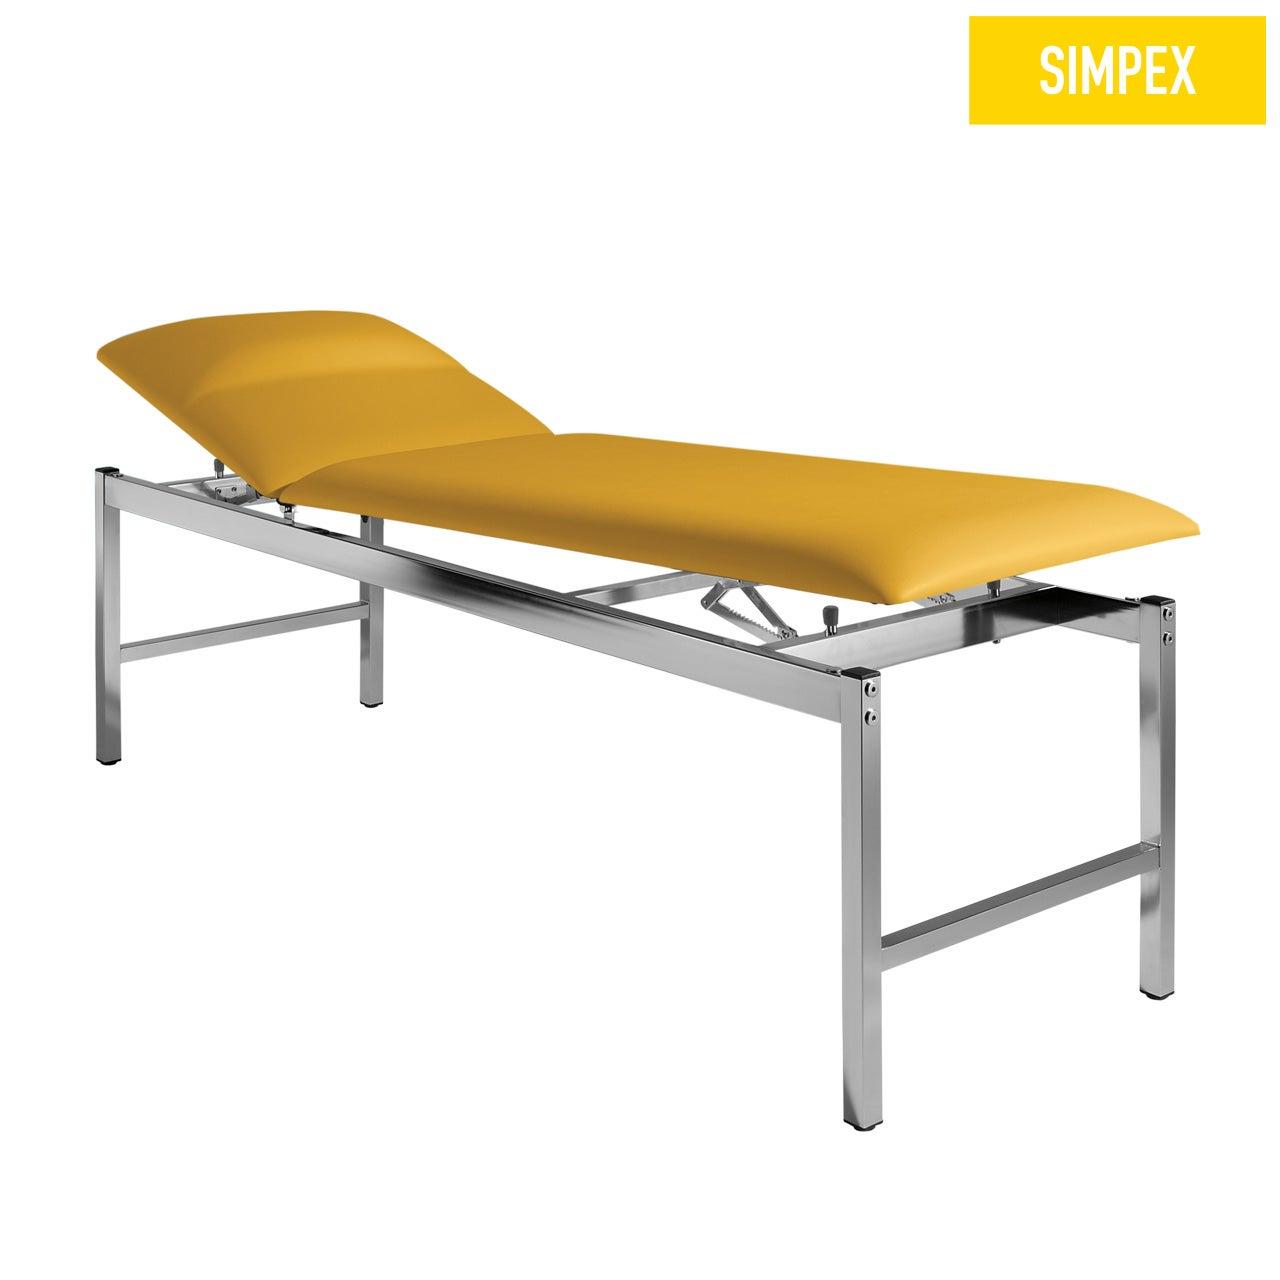 Spezialliege VS-SIESTA 65 Siesta mit Kunstleder in gelb (mais) und einem Gestell aus Stahl verchromt von SIMPEX